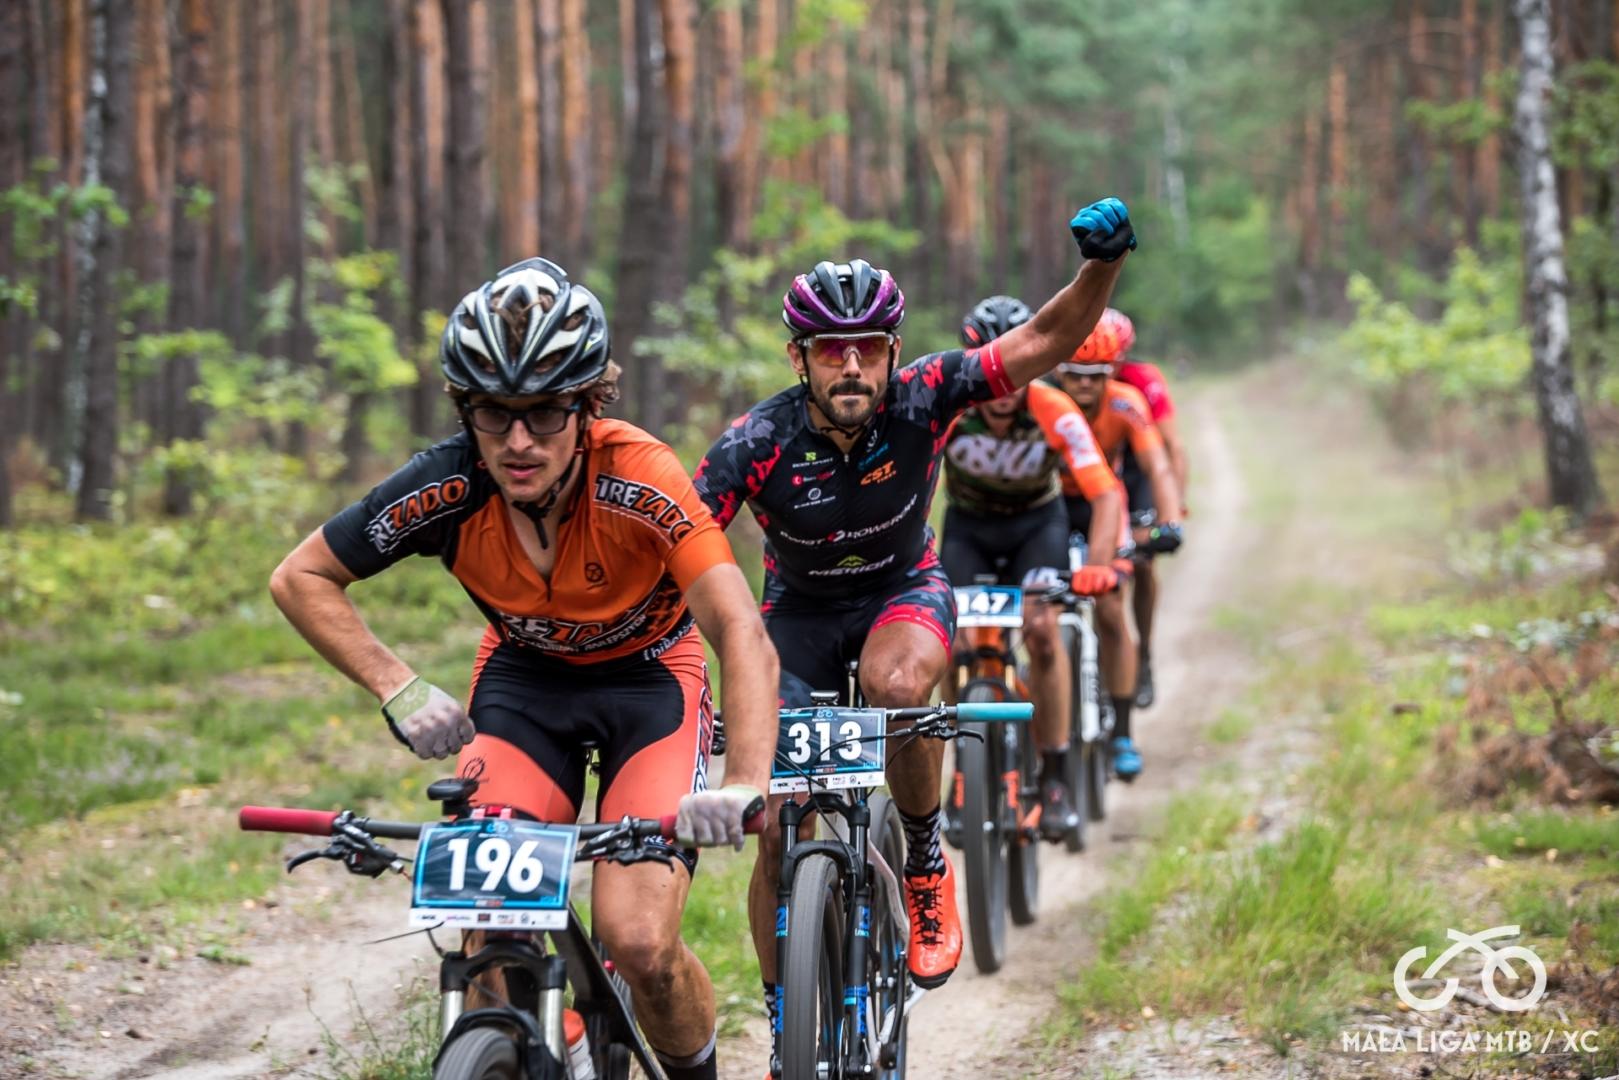 Mała Liga MTB Maraton – jeszcze jeden cykl na Mazowszu?